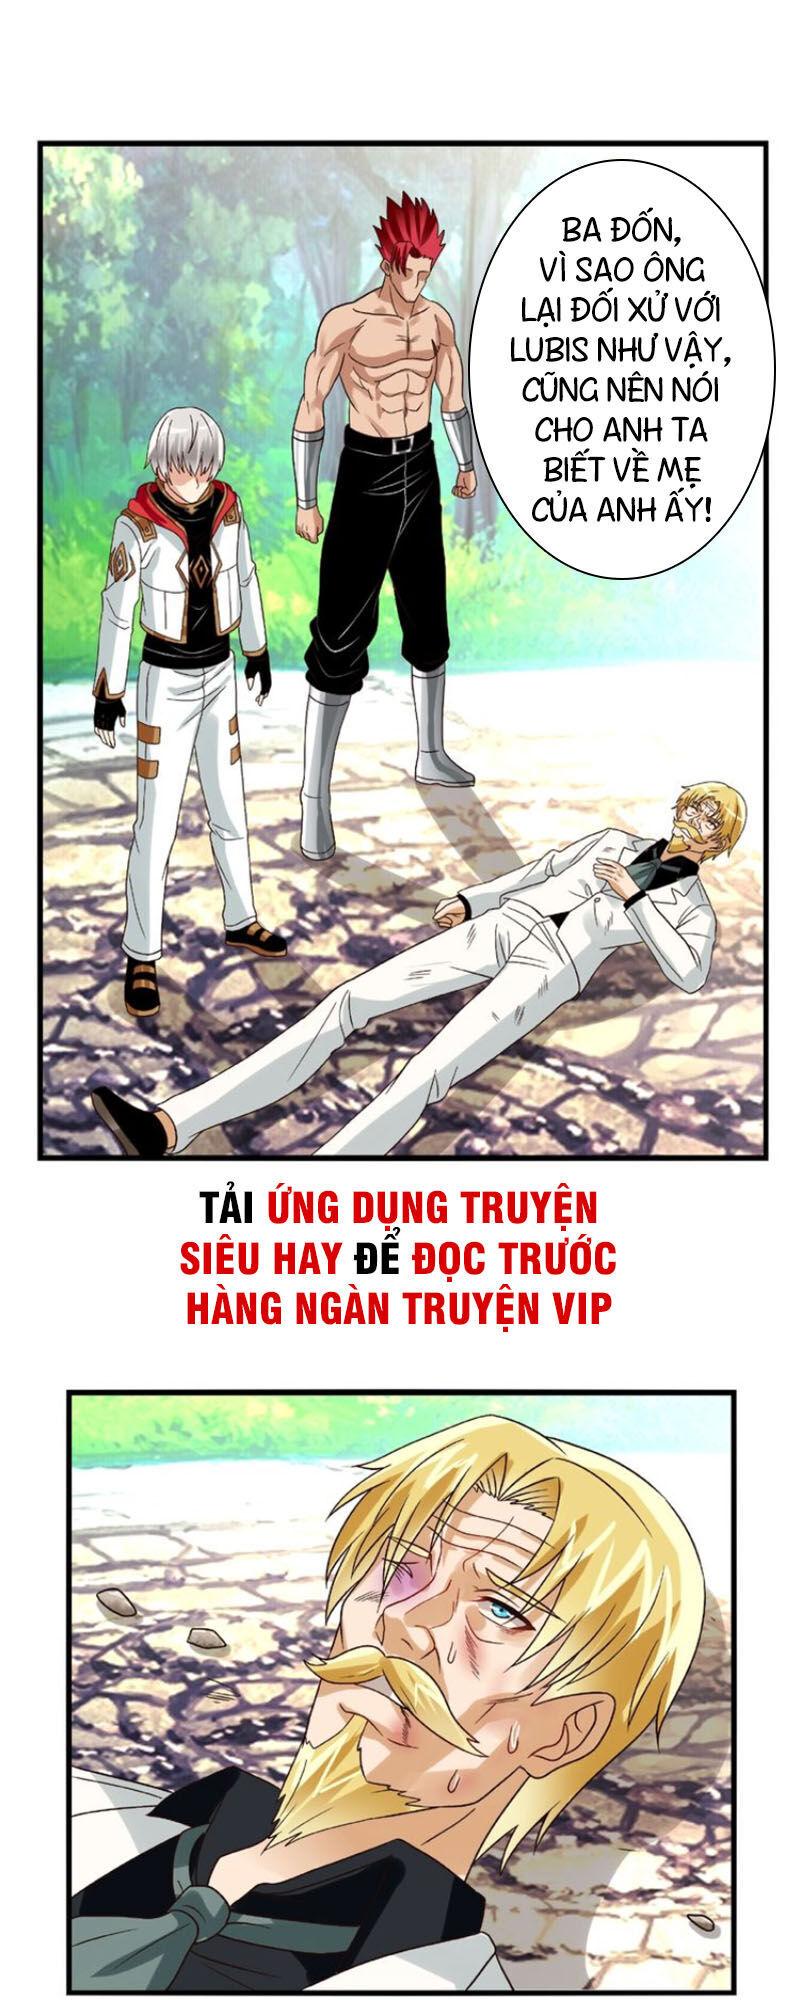 Thôn Phệ Lĩnh Vực Chapter 77 - Trang 46